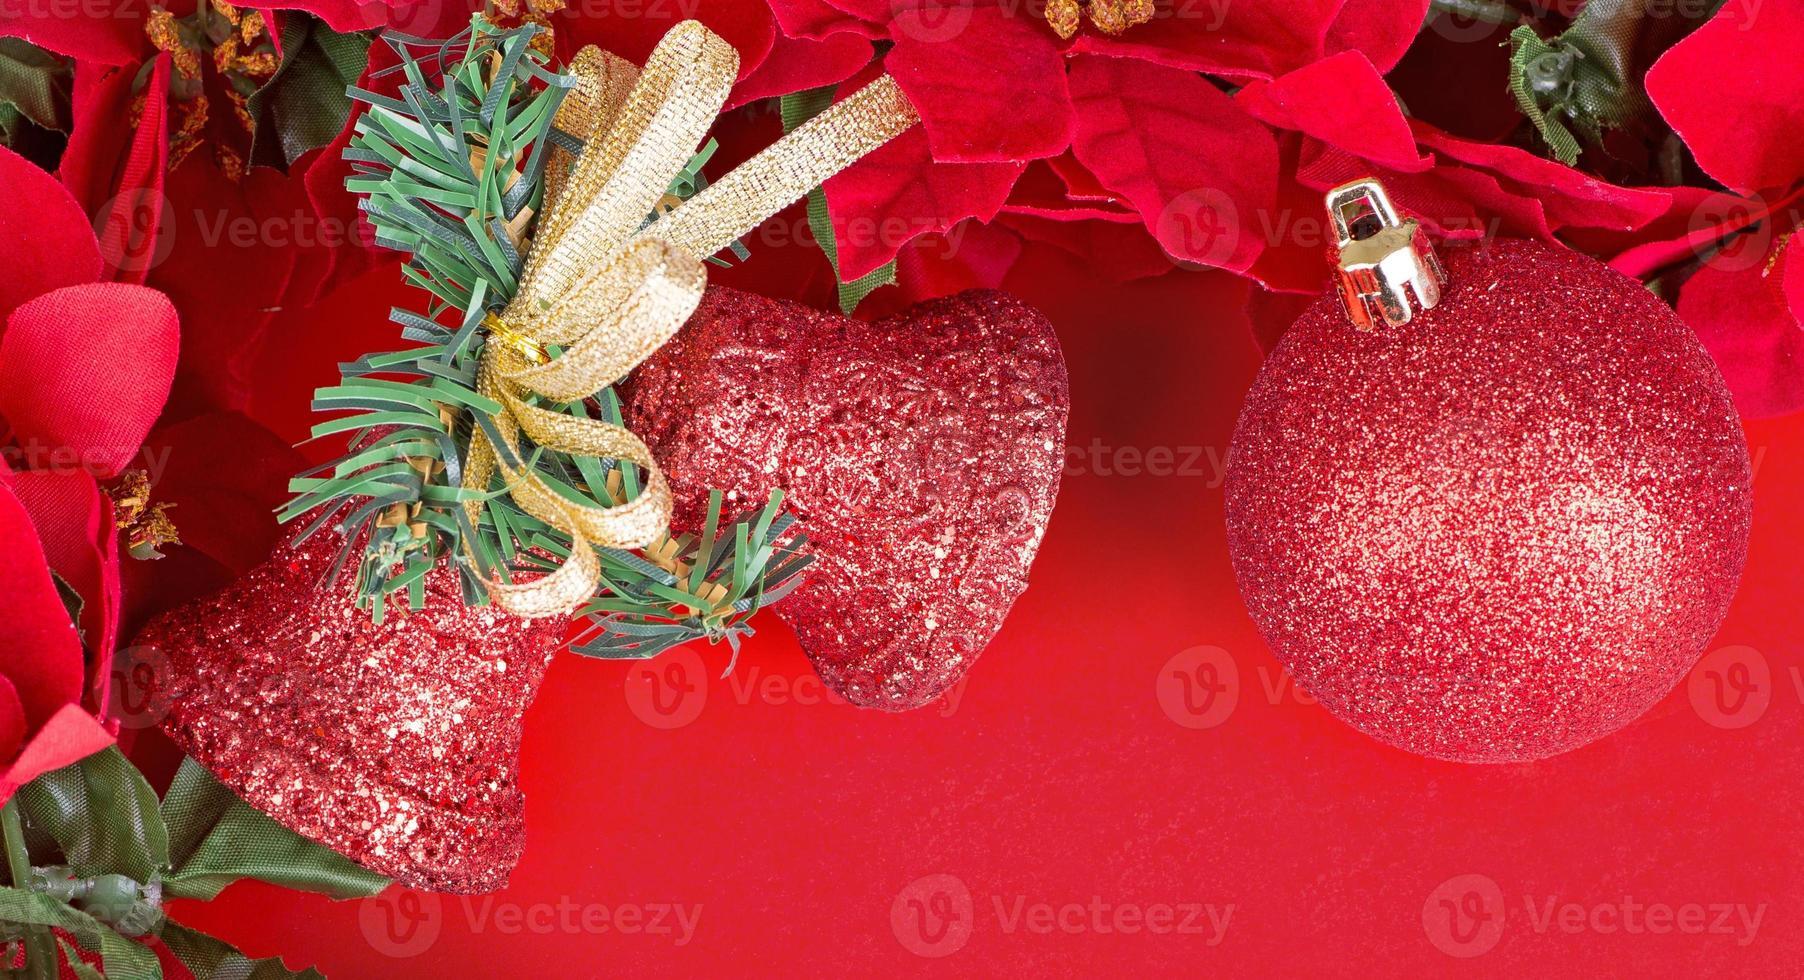 rode kerst ornamenten foto